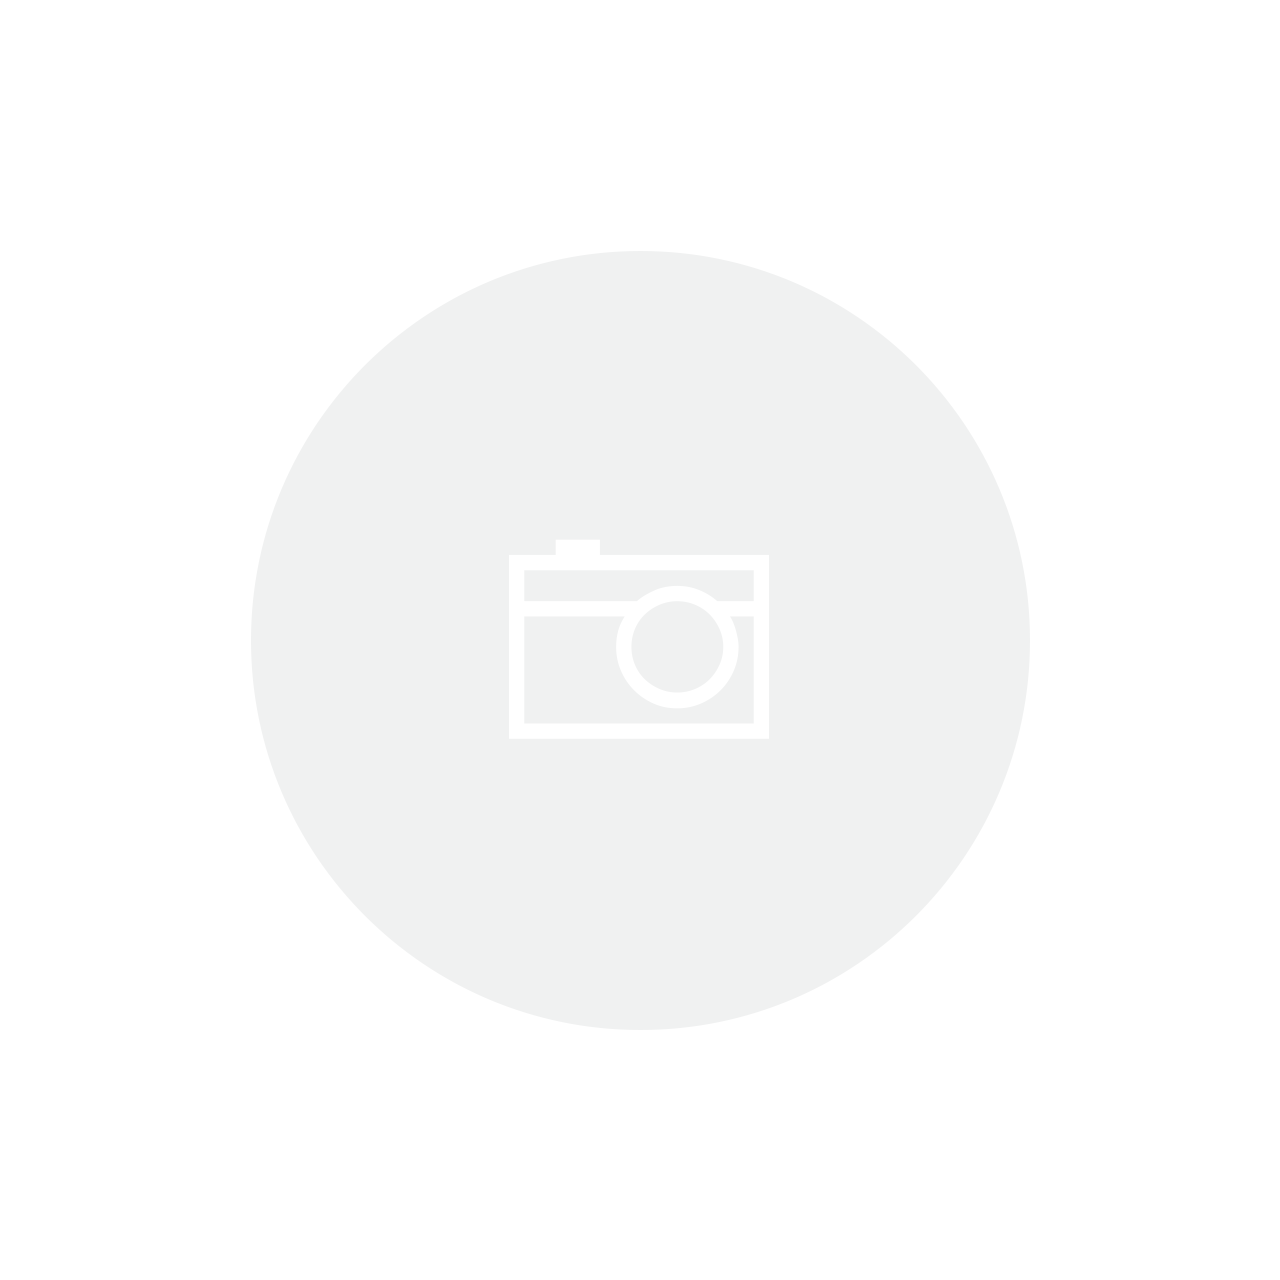 Lâmina 50 - Oster Cirúrgica